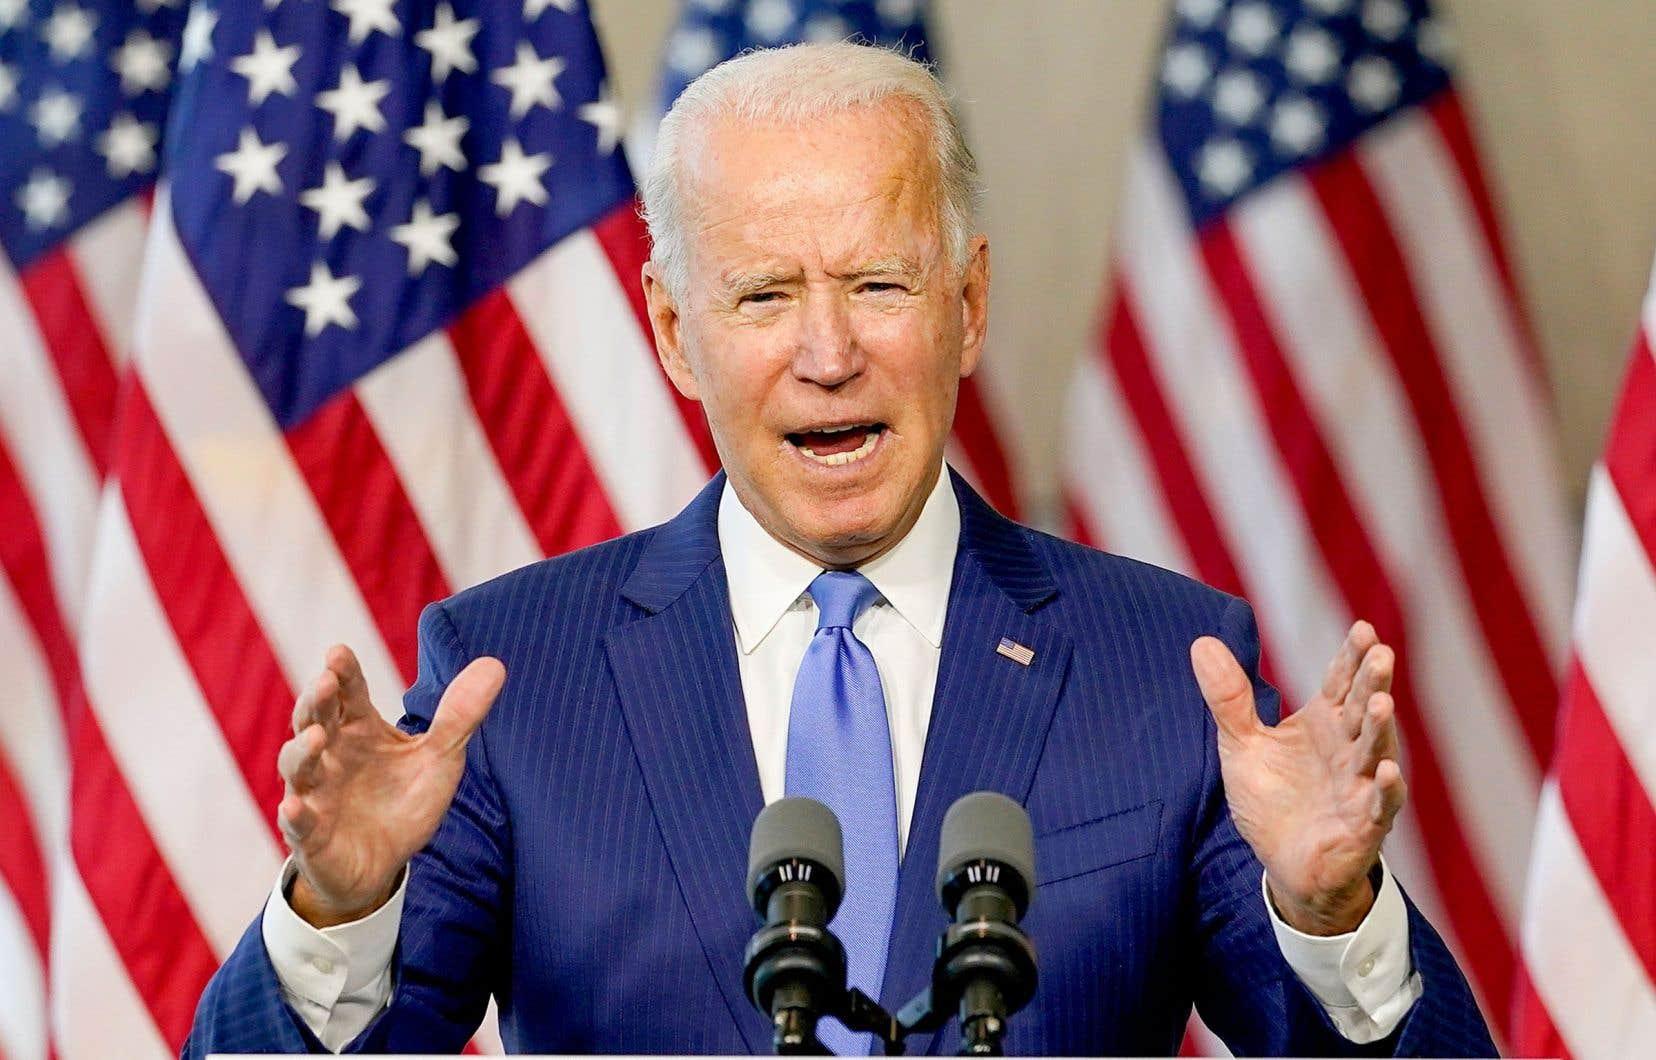 «Respectez vos obligations constitutionnelles, suivez votre conscience», a lancé Biden aux républicains.